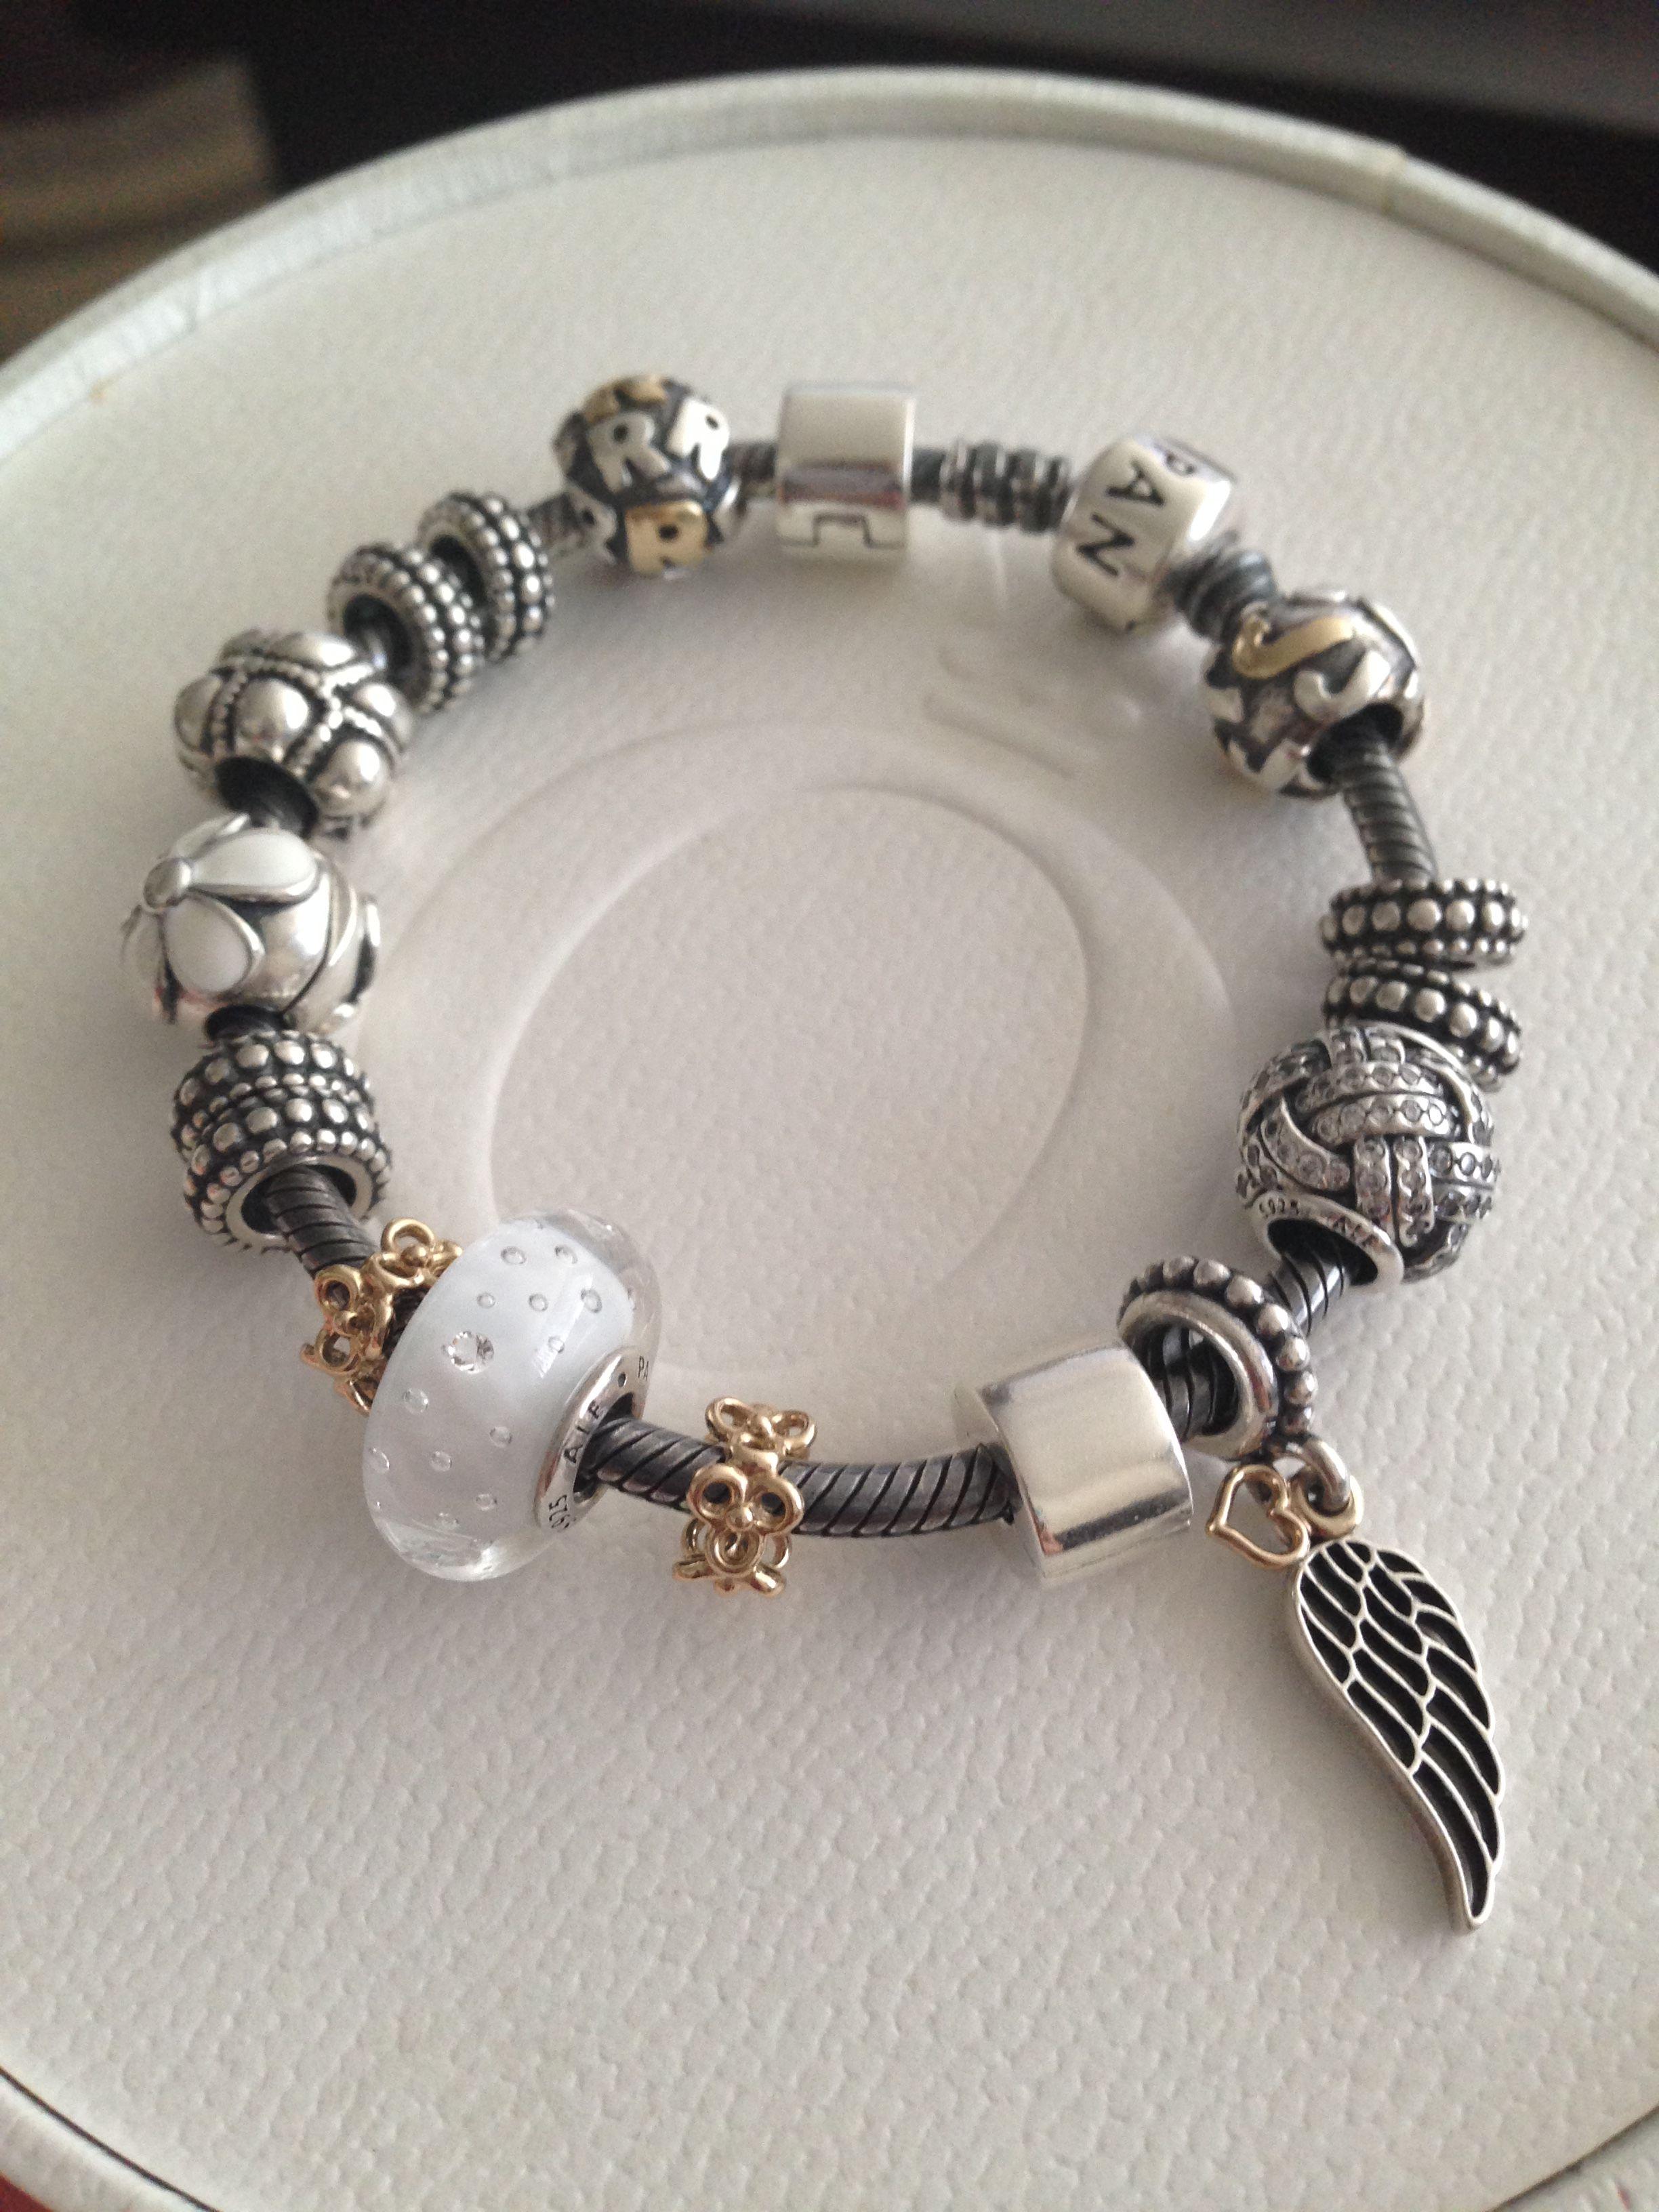 Pandora Oxidized Bracelet With White Pandora Bracelet Designs Pandora Bracelet Charms Pandora Jewelry